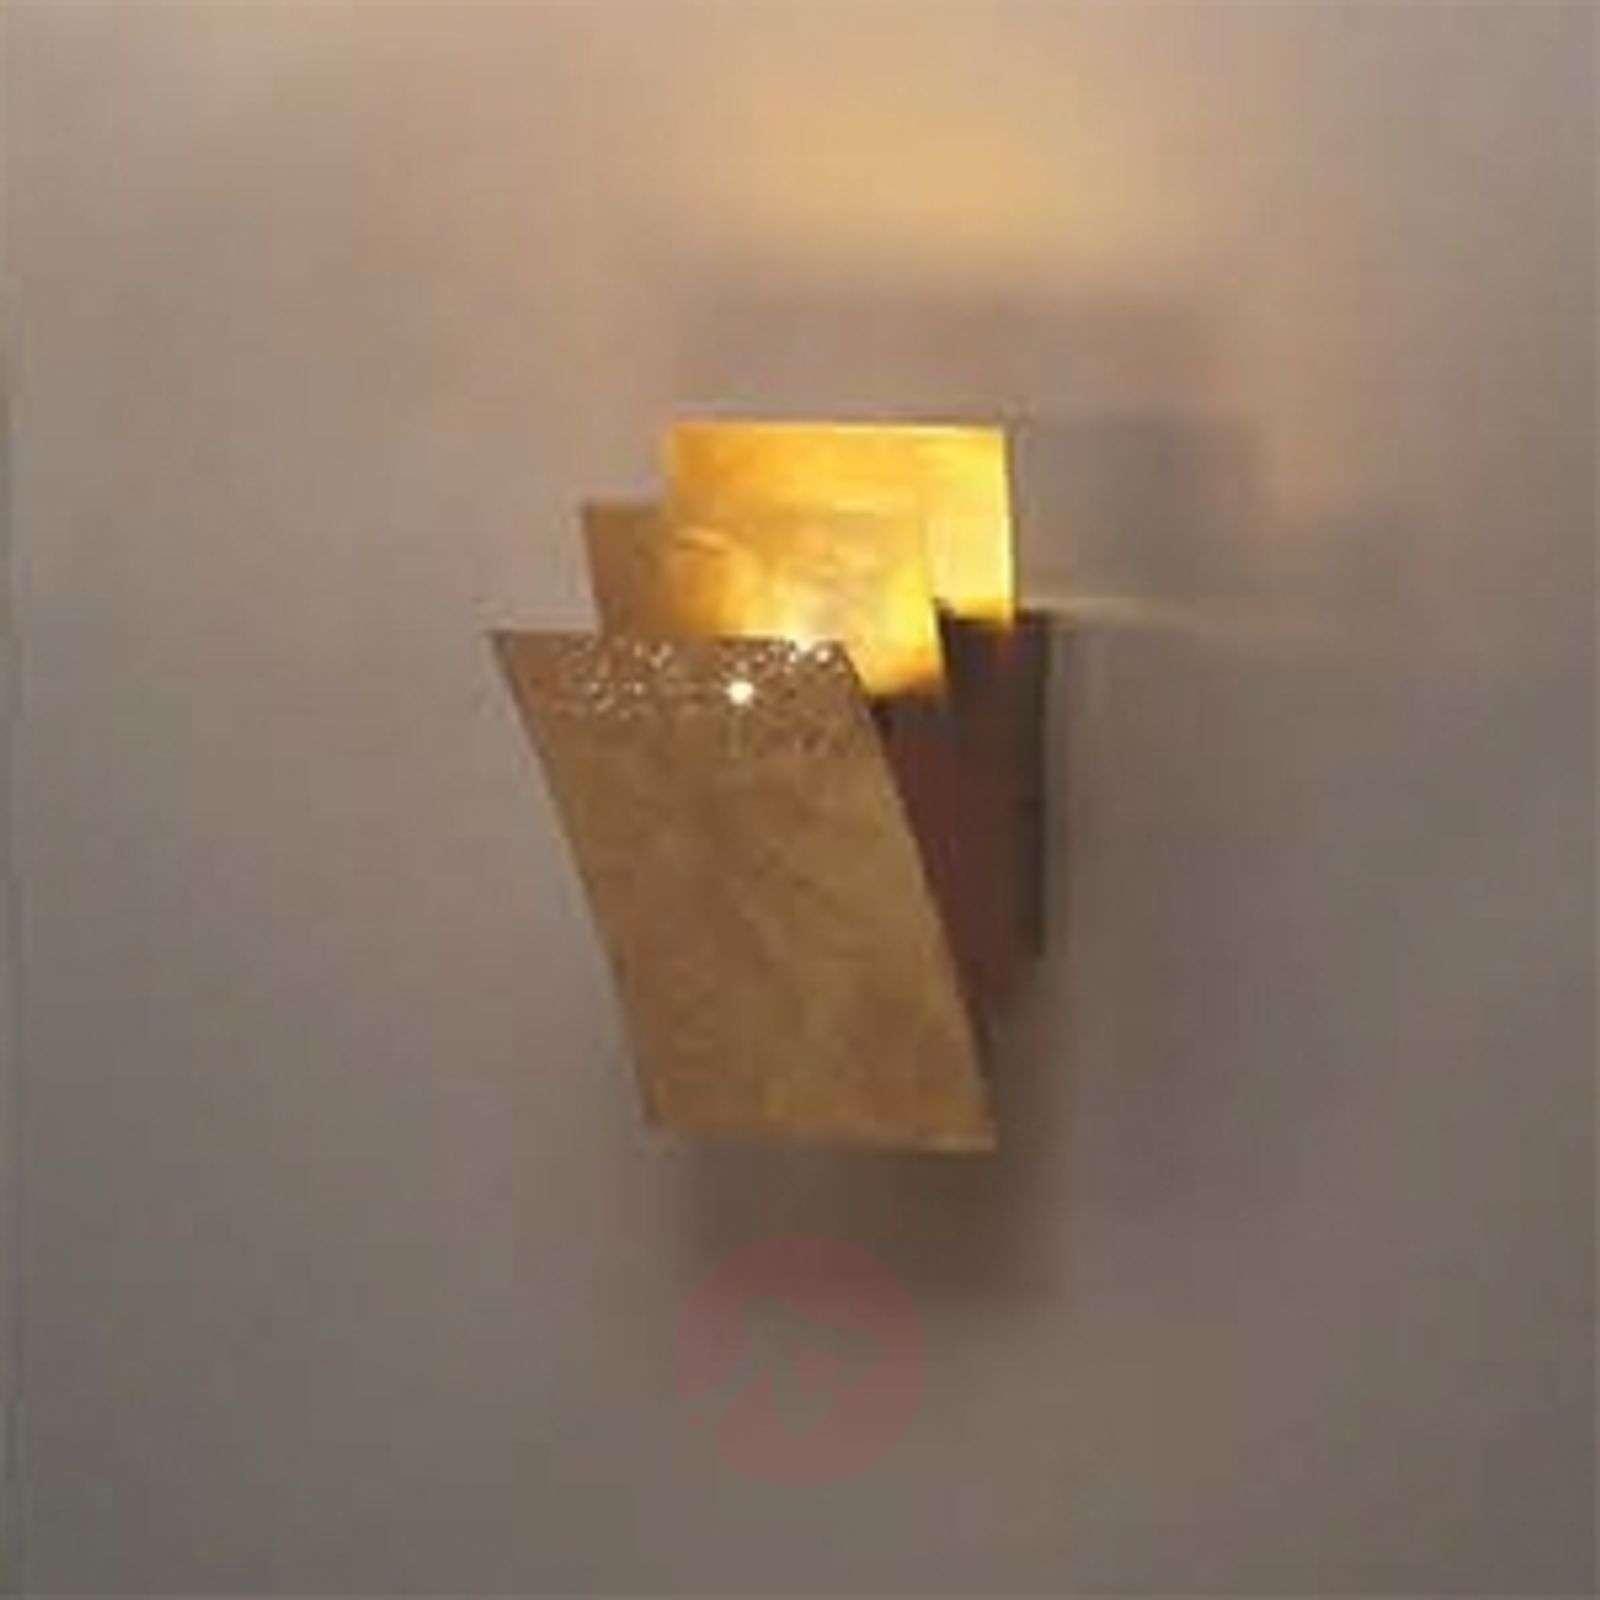 LED-seinävalaisin Virgola, 16 cm korkea-6532053-01